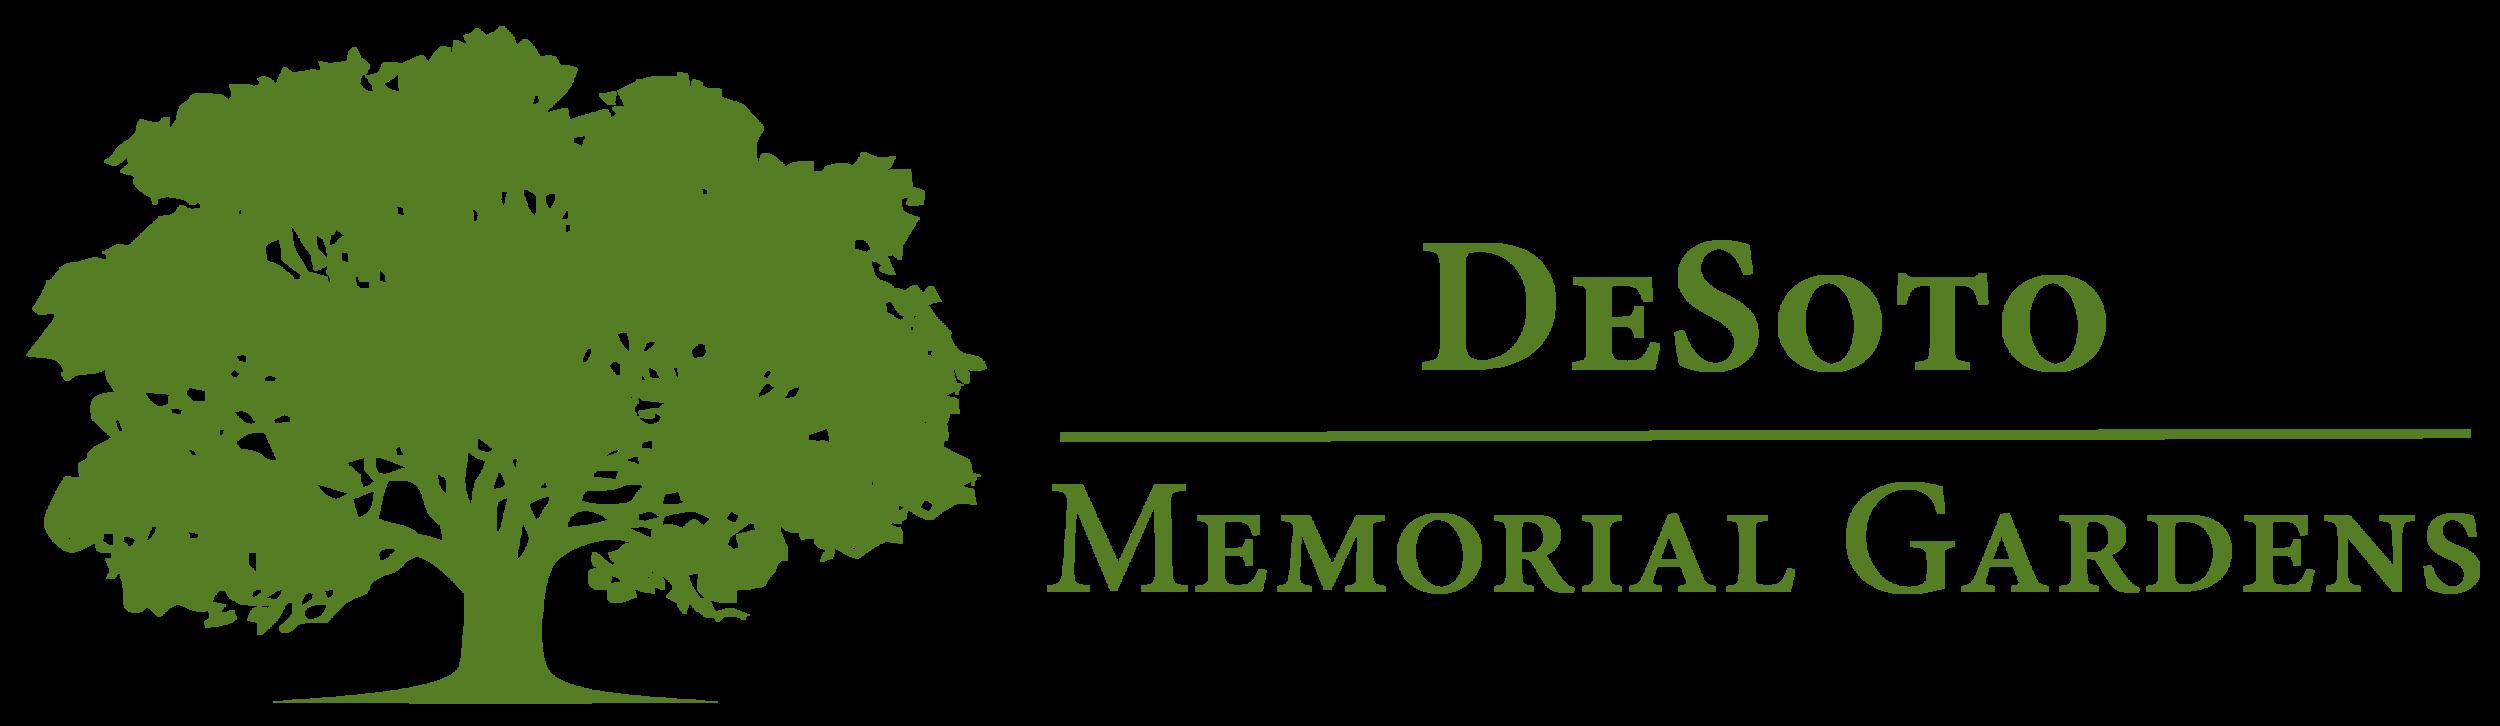 DeSoto MemorialGardens logo horizontal (1)-01.png